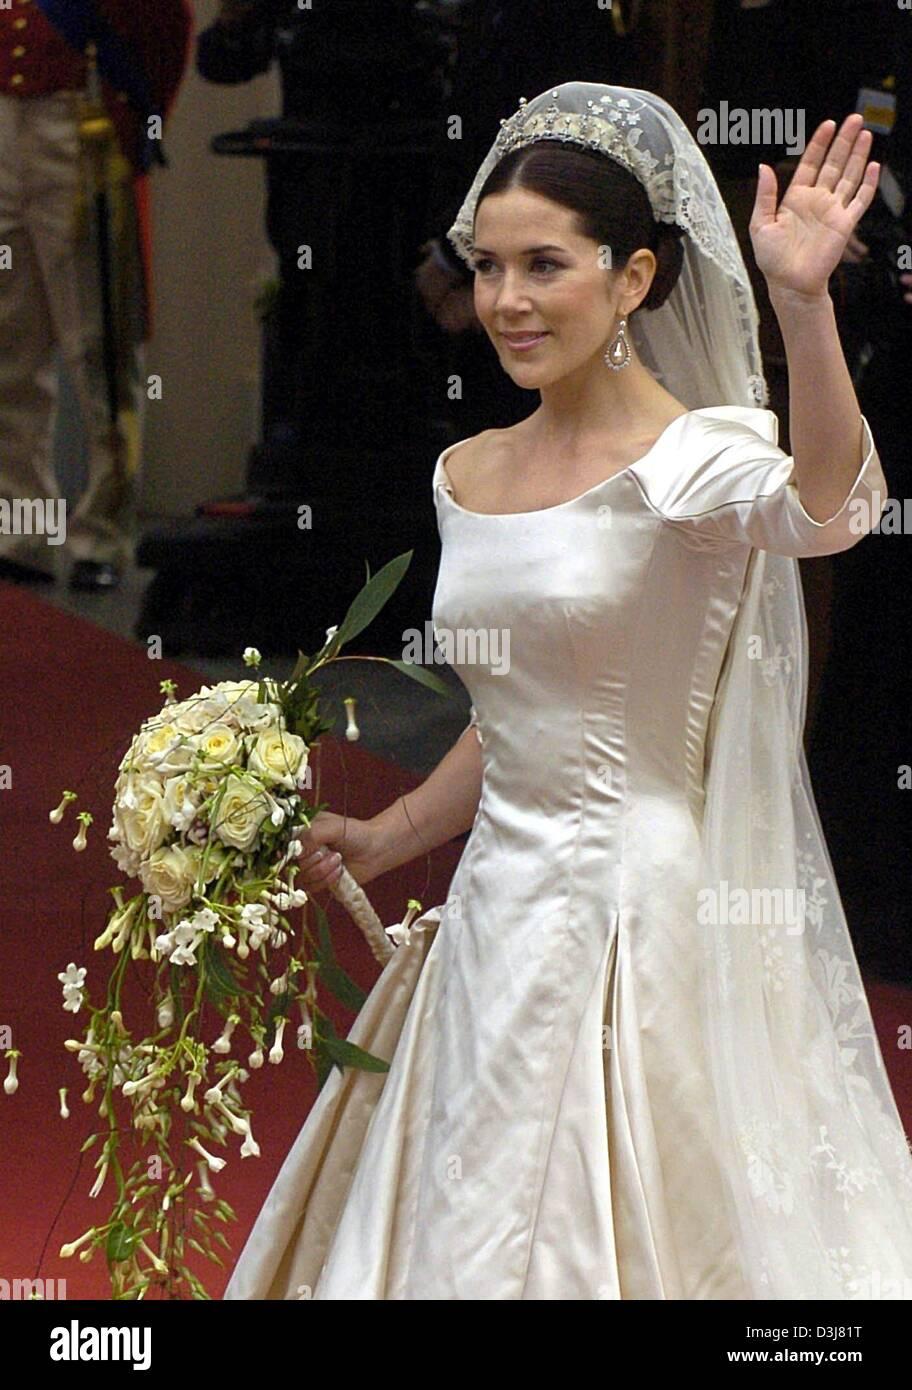 Ungewöhnlich Brautkleid Australien Fotos - Brautkleider Ideen ...